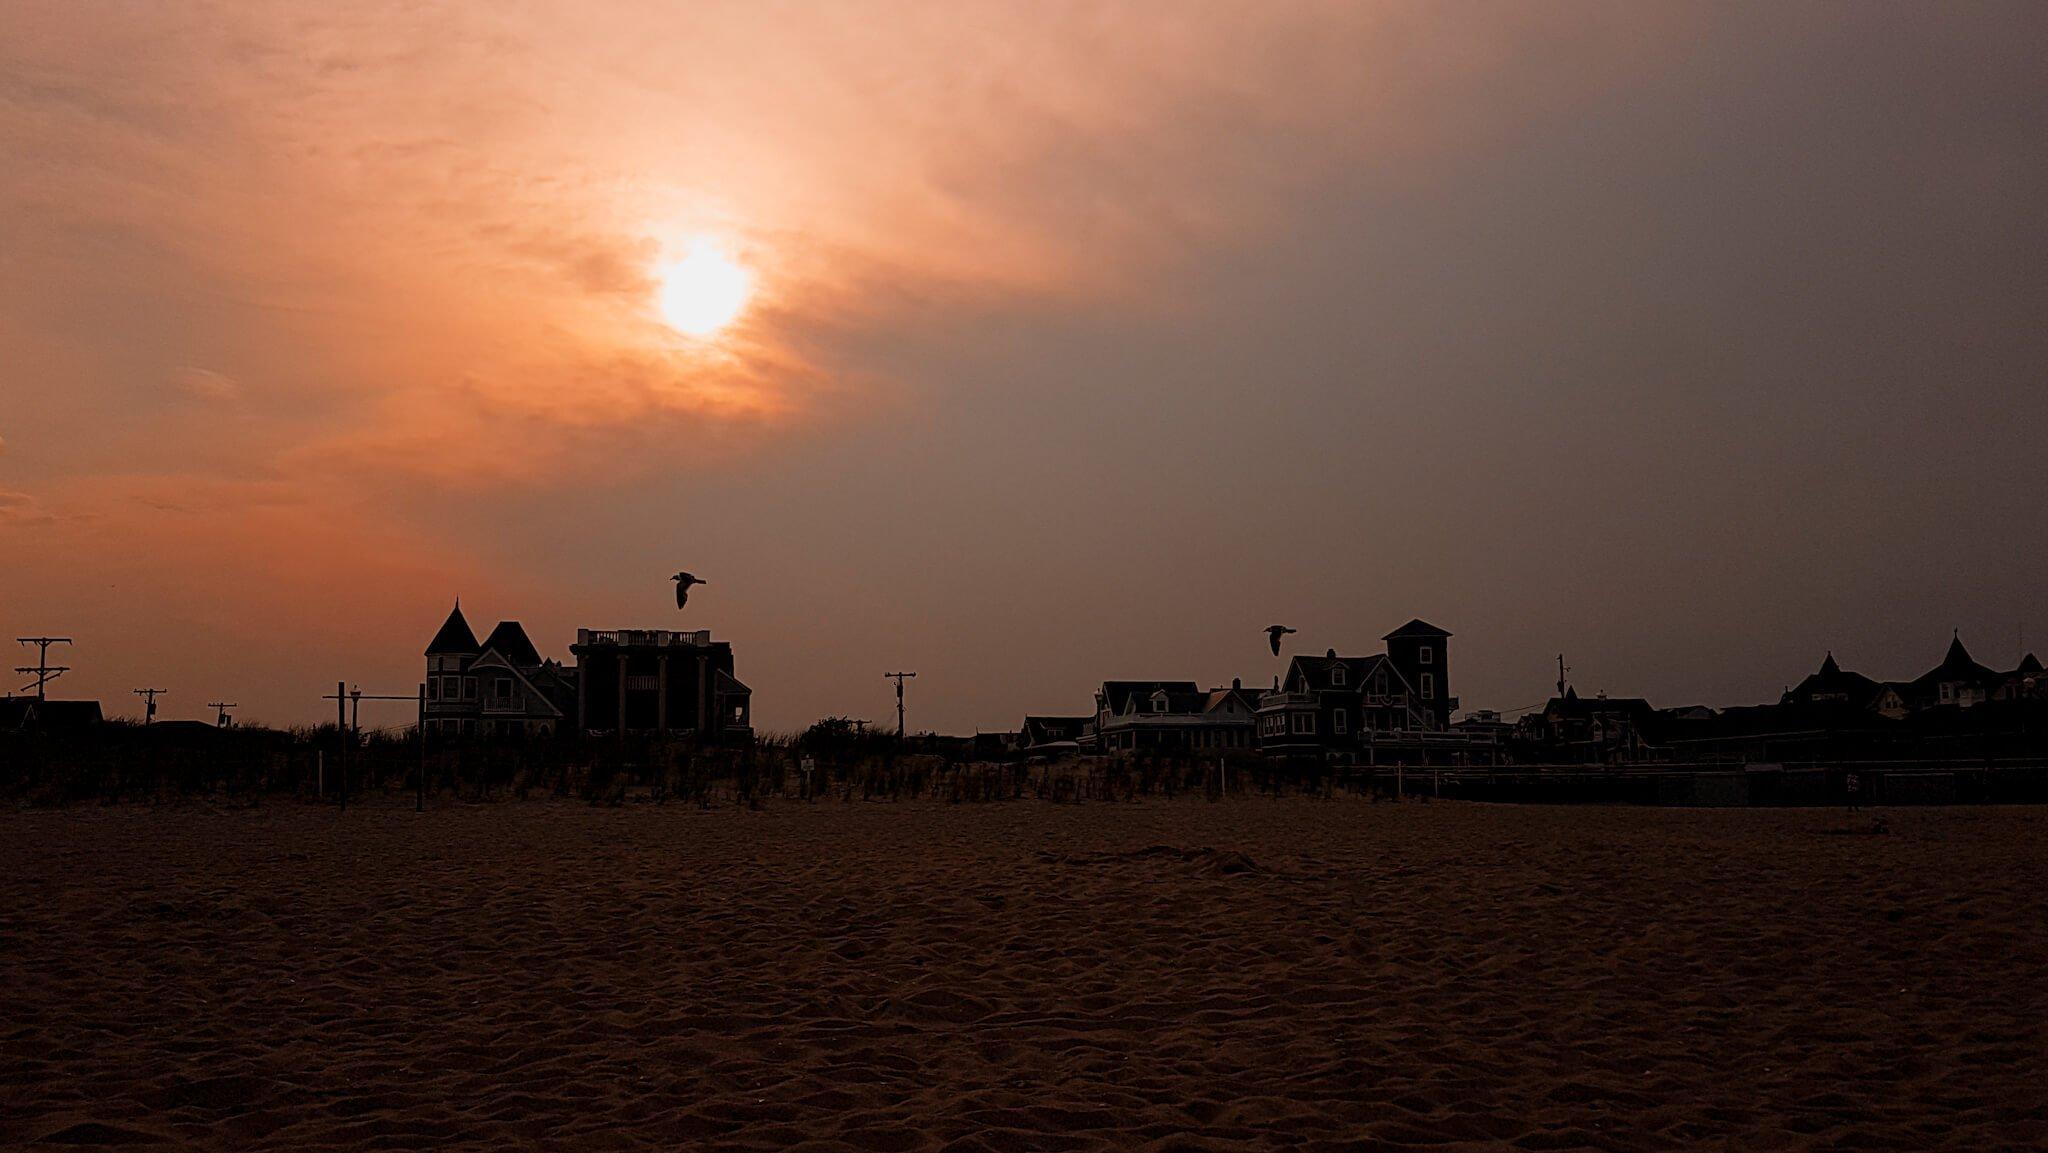 Zachodzące słońce nad plażowymi domkami w Ocean Grove, New Jersey.